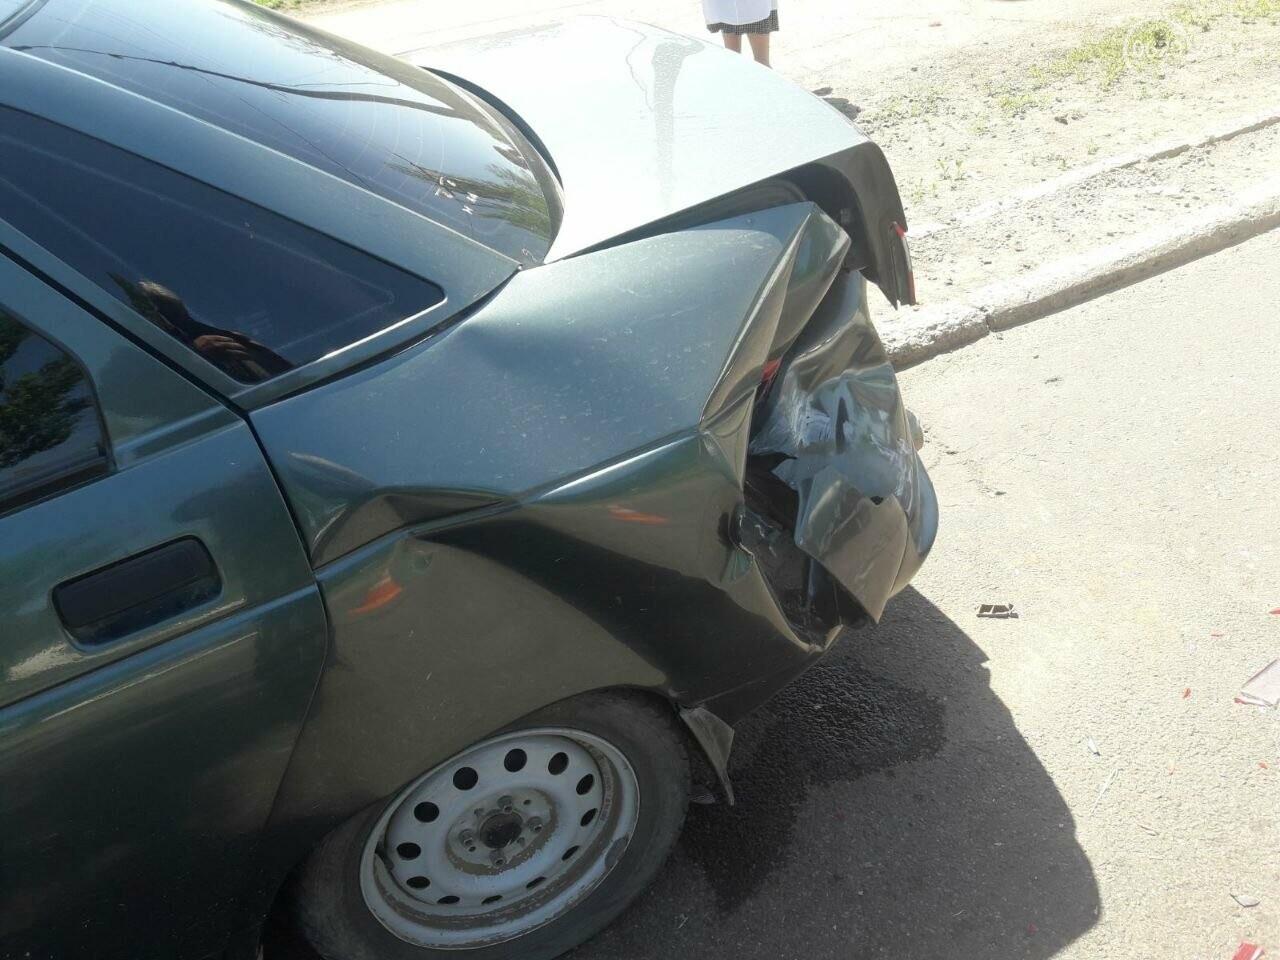 """В 11 раз больше! В Мариуполе пьяный водитель """"Жигули"""" протаранил 3 автомобиля, - ФОТО, фото-4"""